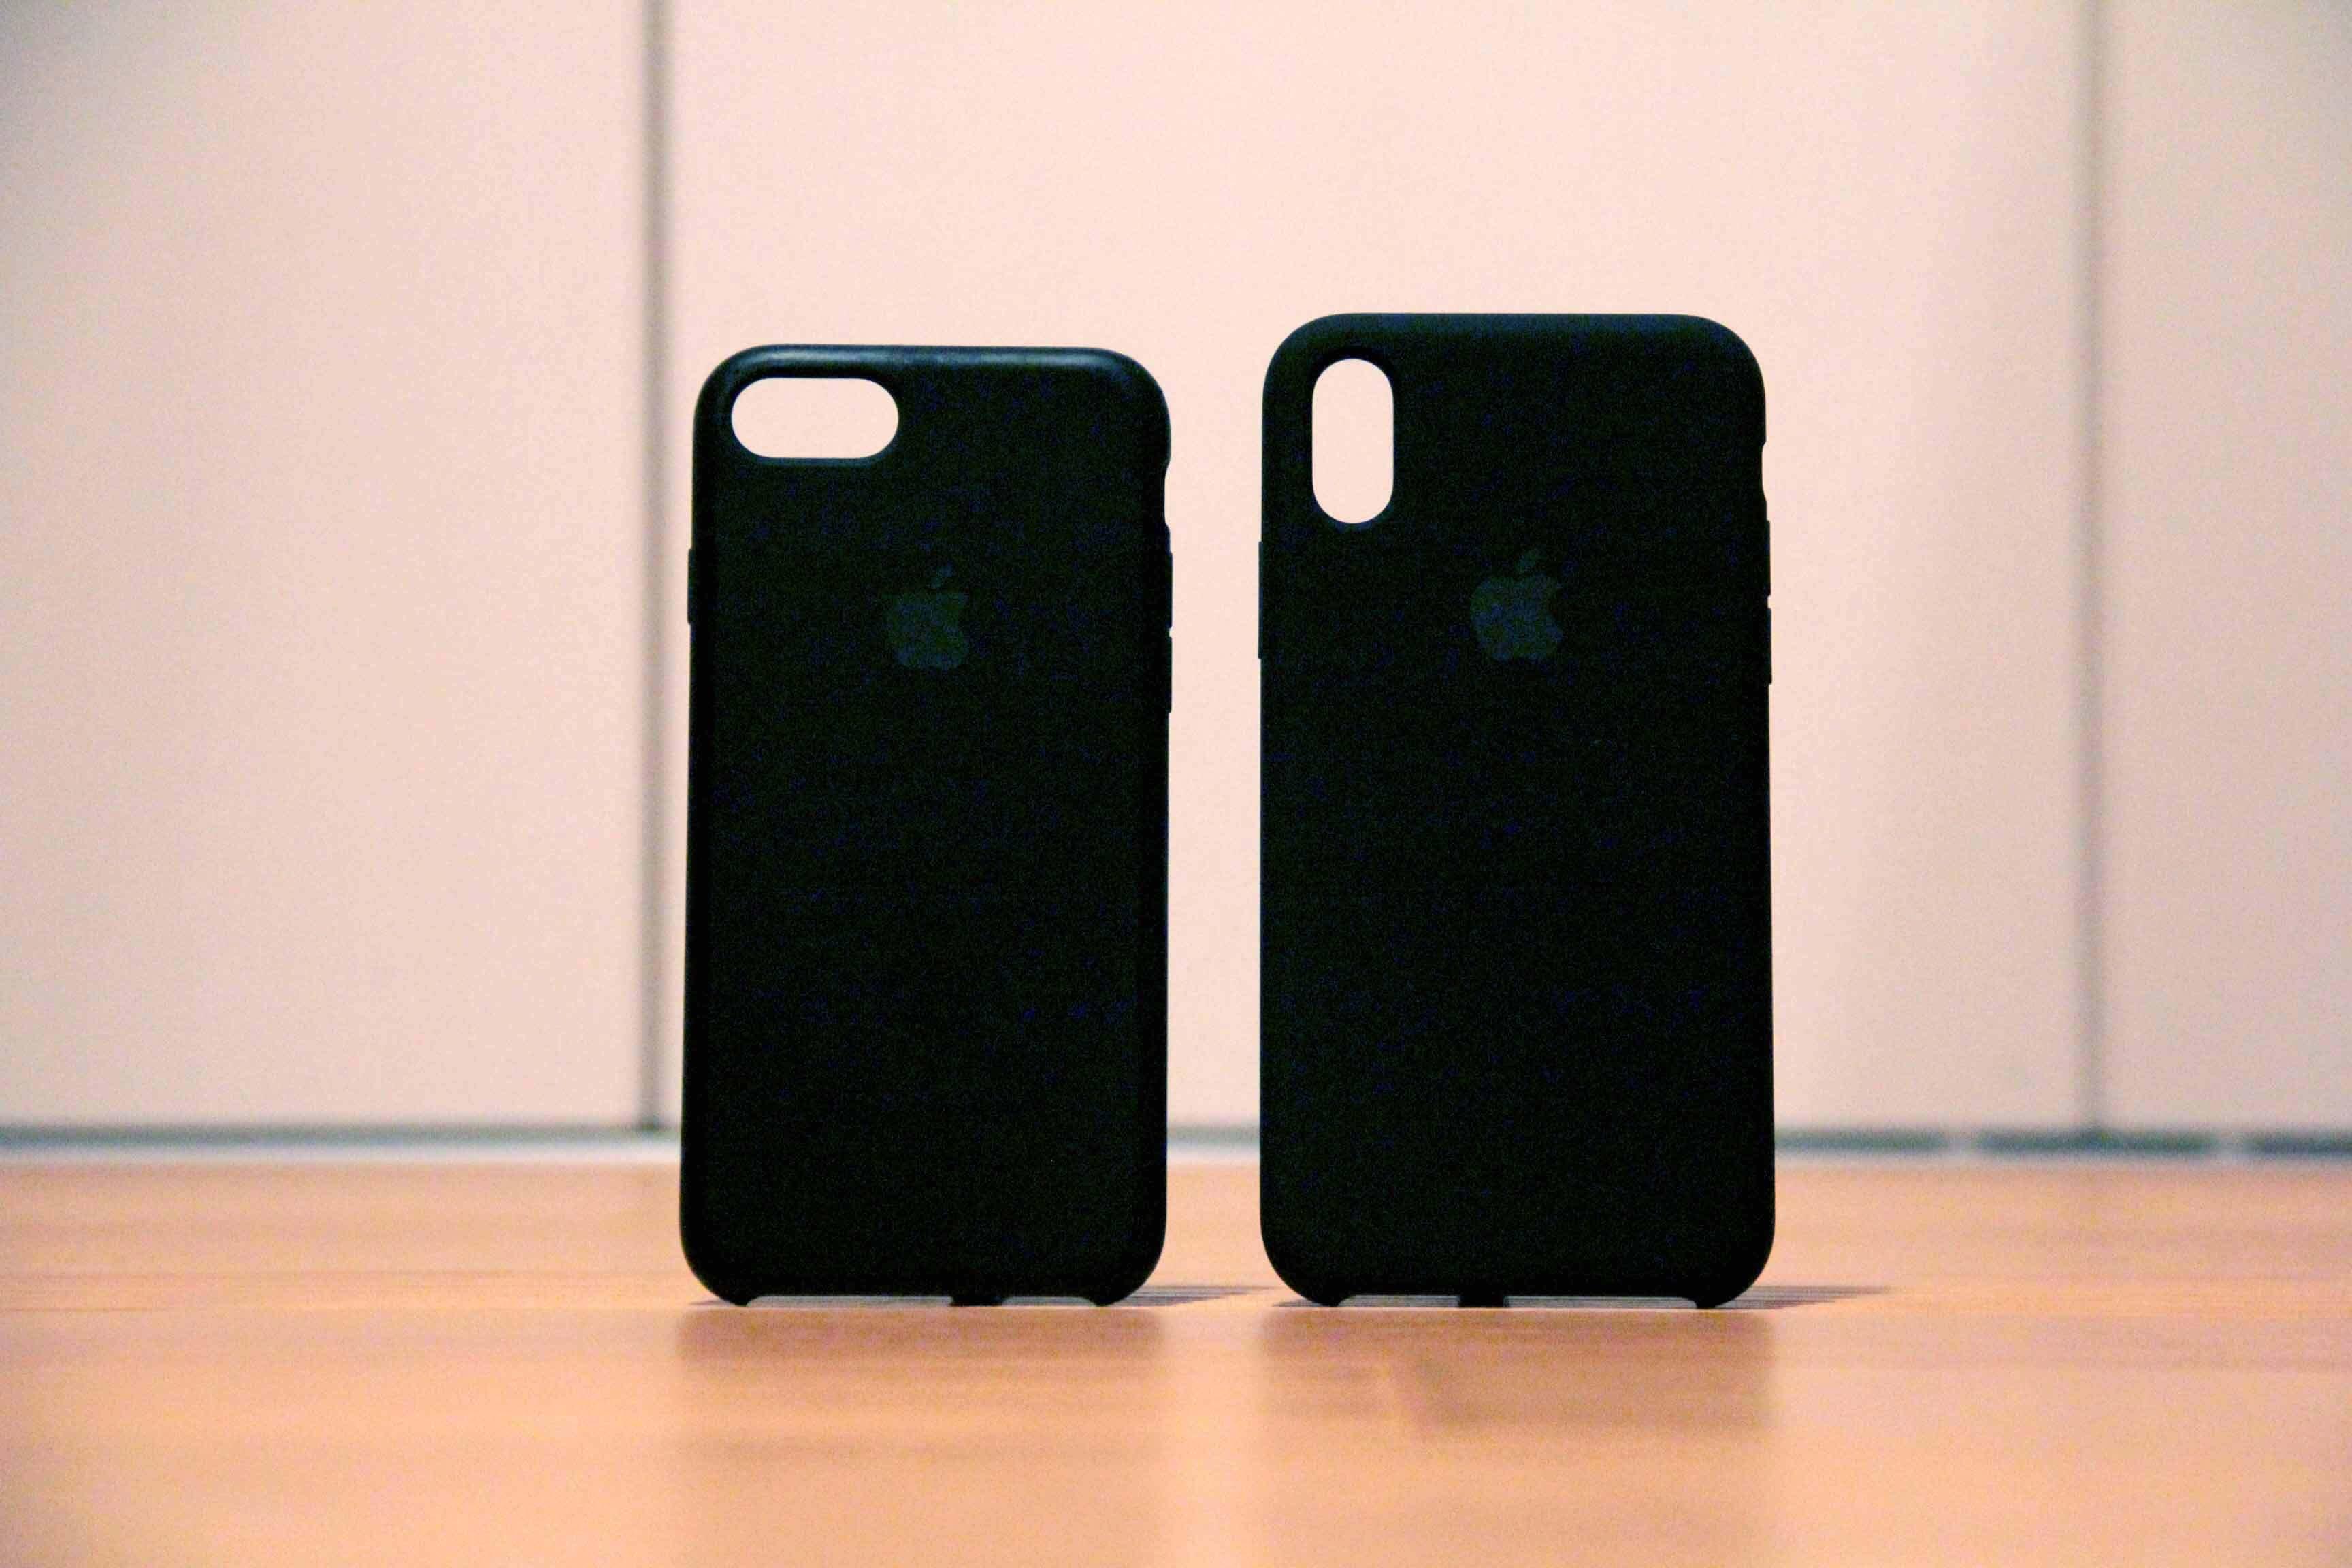 iPhoneXとiPhone7のApple純正ケース比較の写真